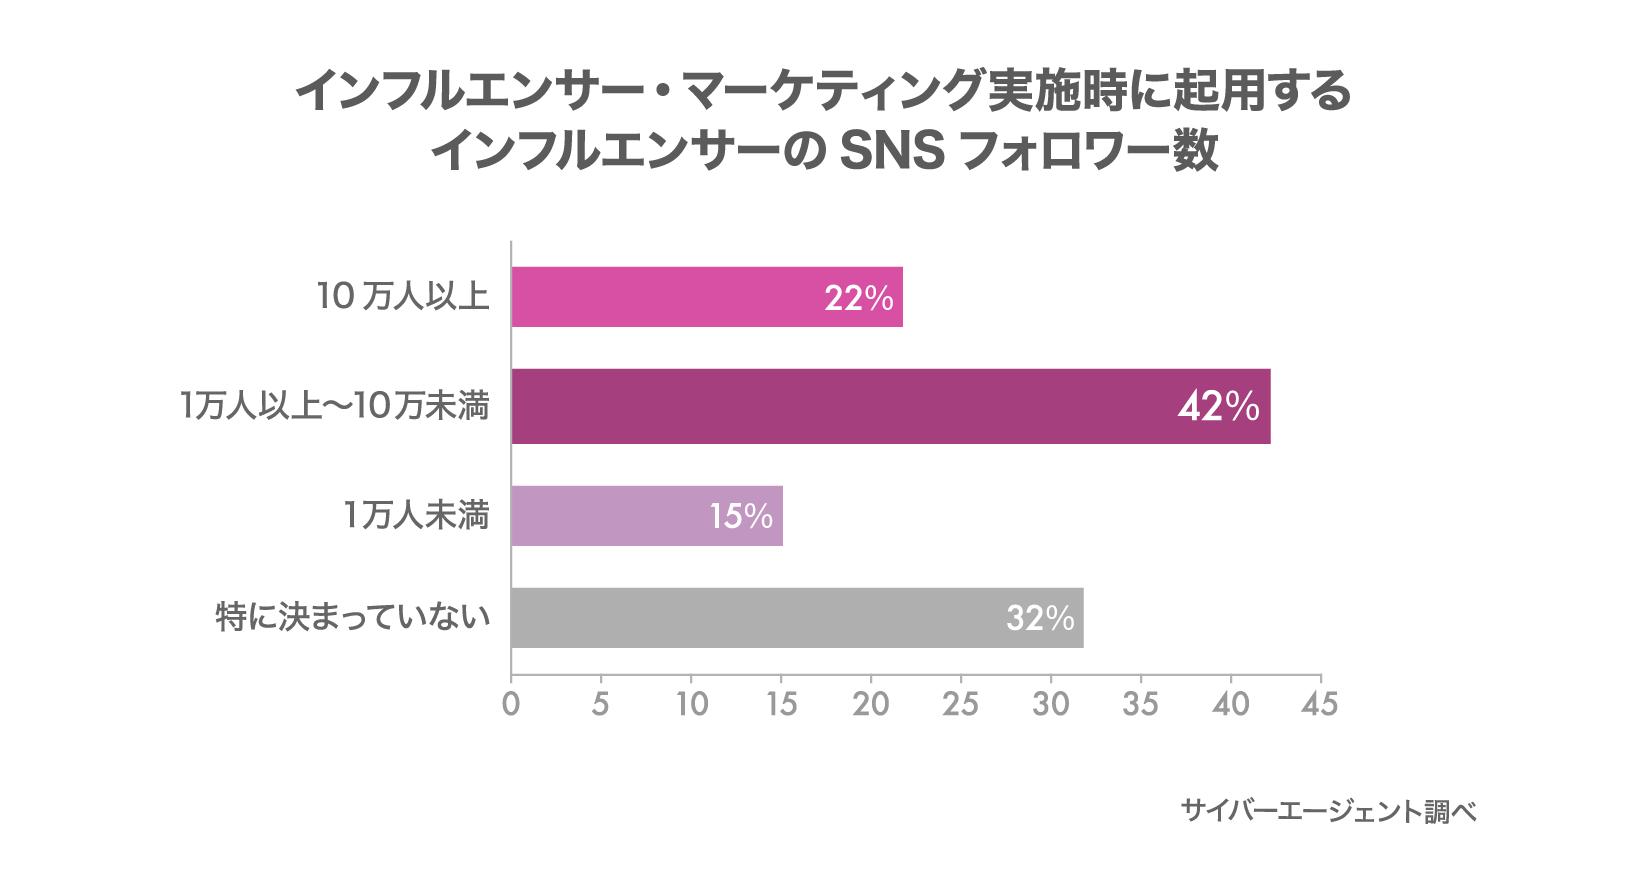 グラフ:インフルエンサー・マーケティング実施時に起用するインフルエンサーのSNSフォロワー数